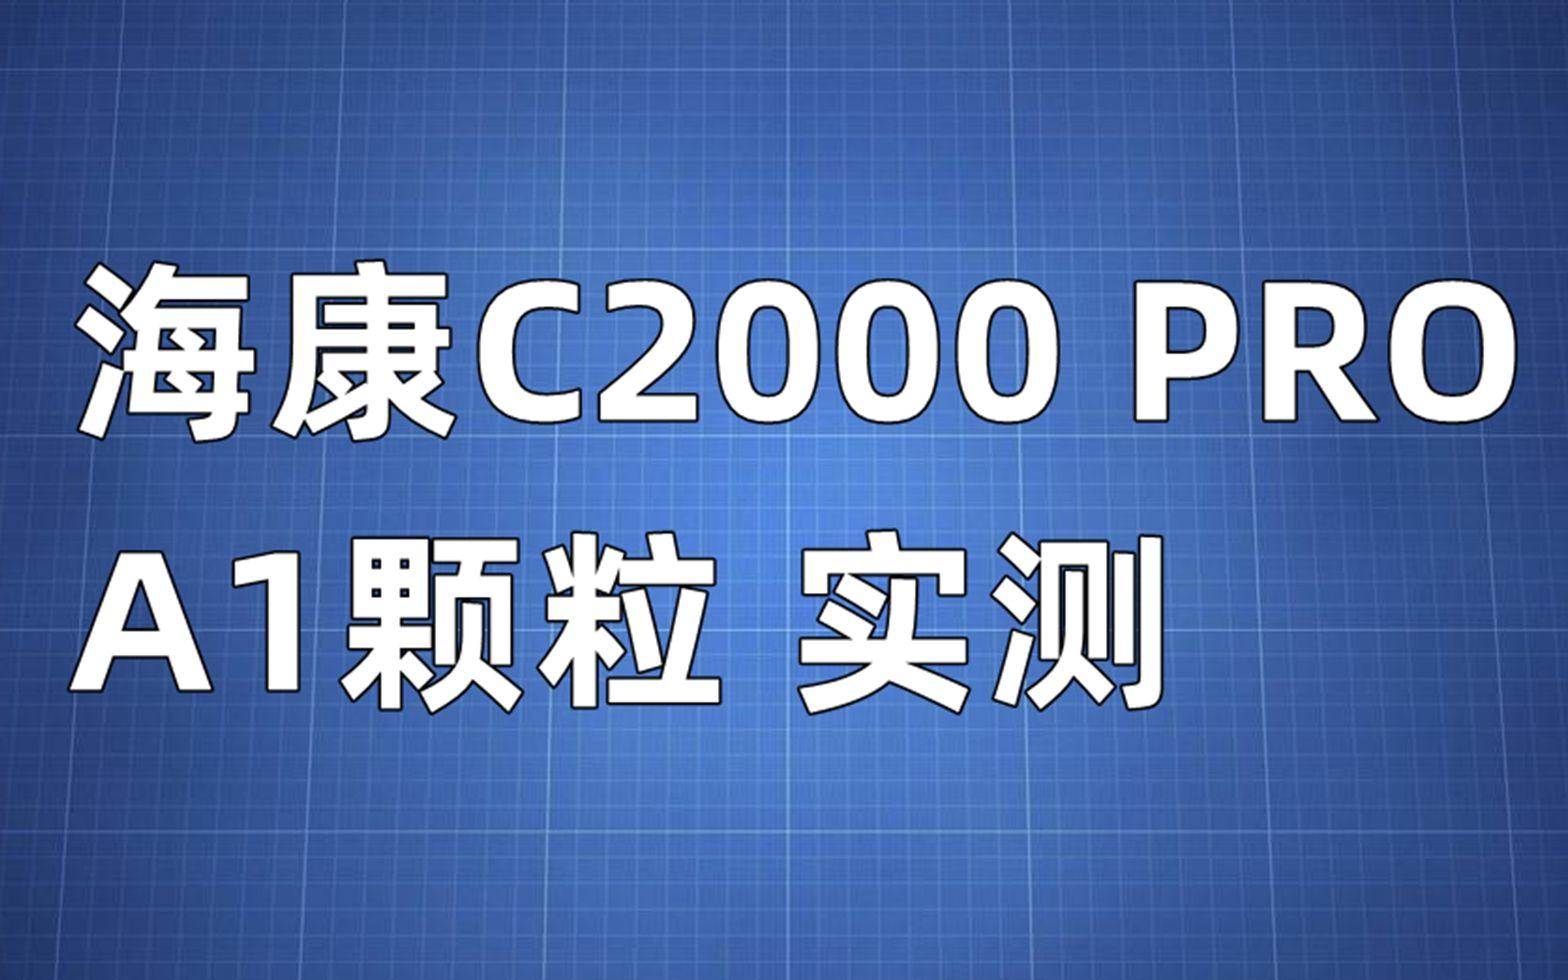 海康C2000PRO 實測_嗶哩嗶哩 (゜-゜)つロ 干杯~-bilibili